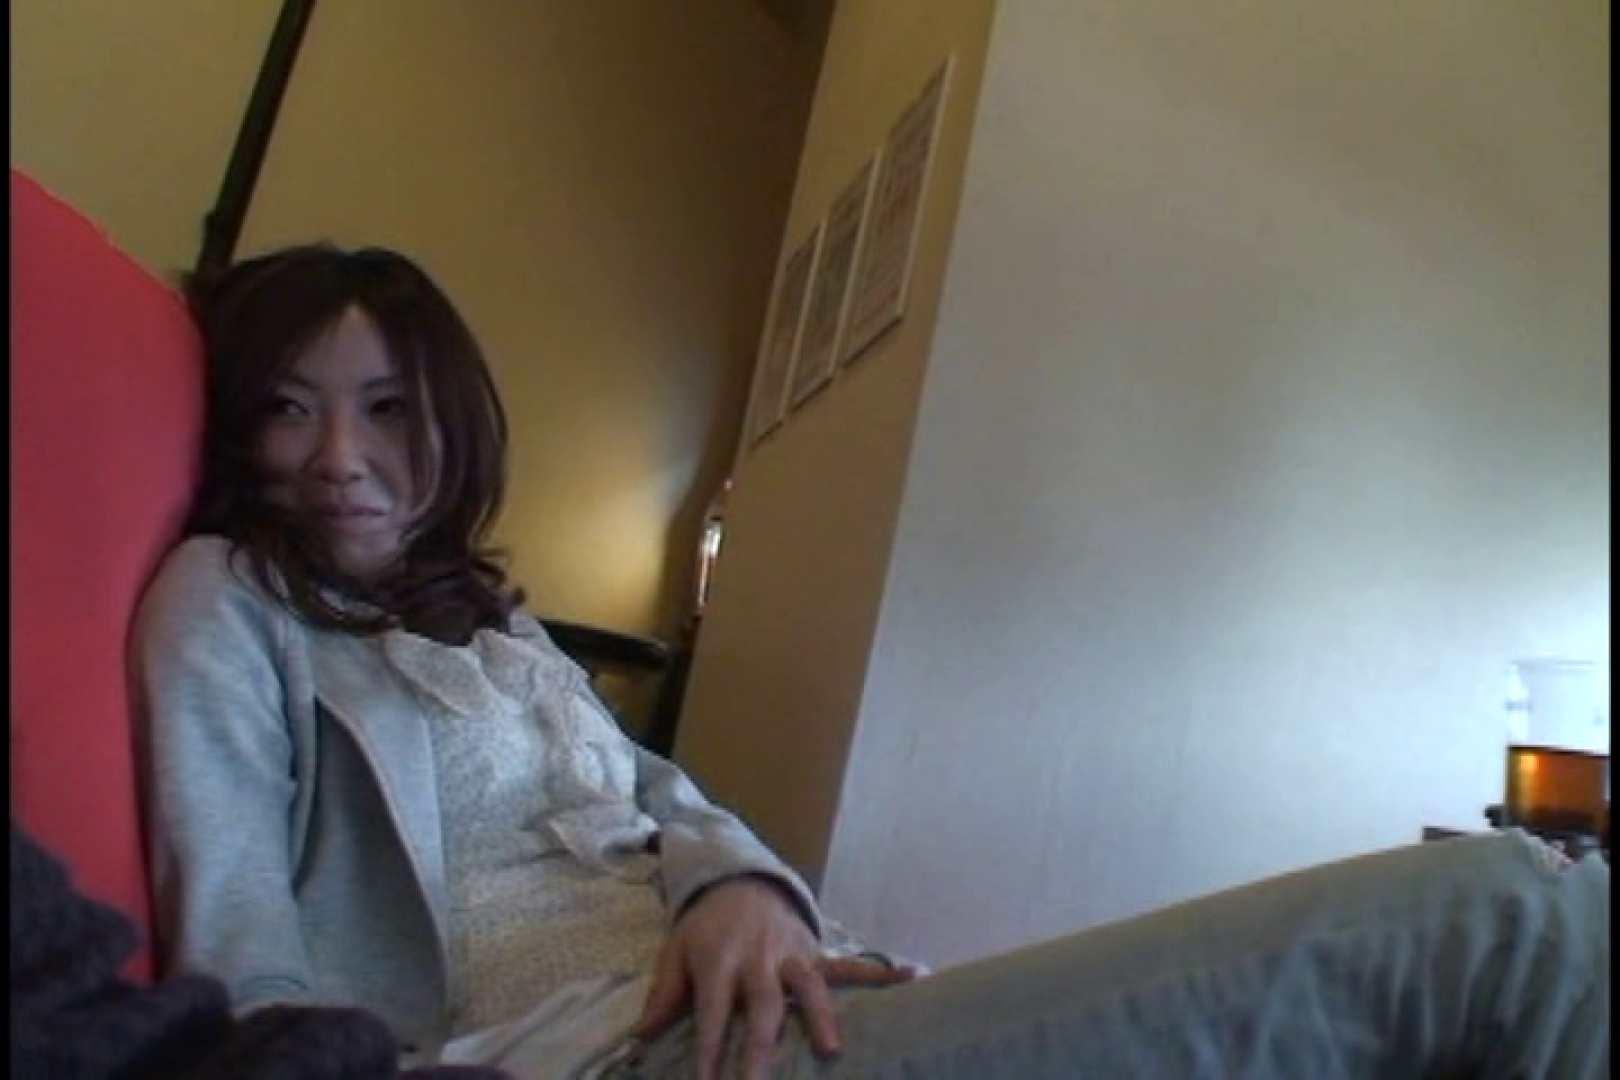 JDハンター全国ツアー vol.041 前編 HなOL | Hな女子大生  80pic 32